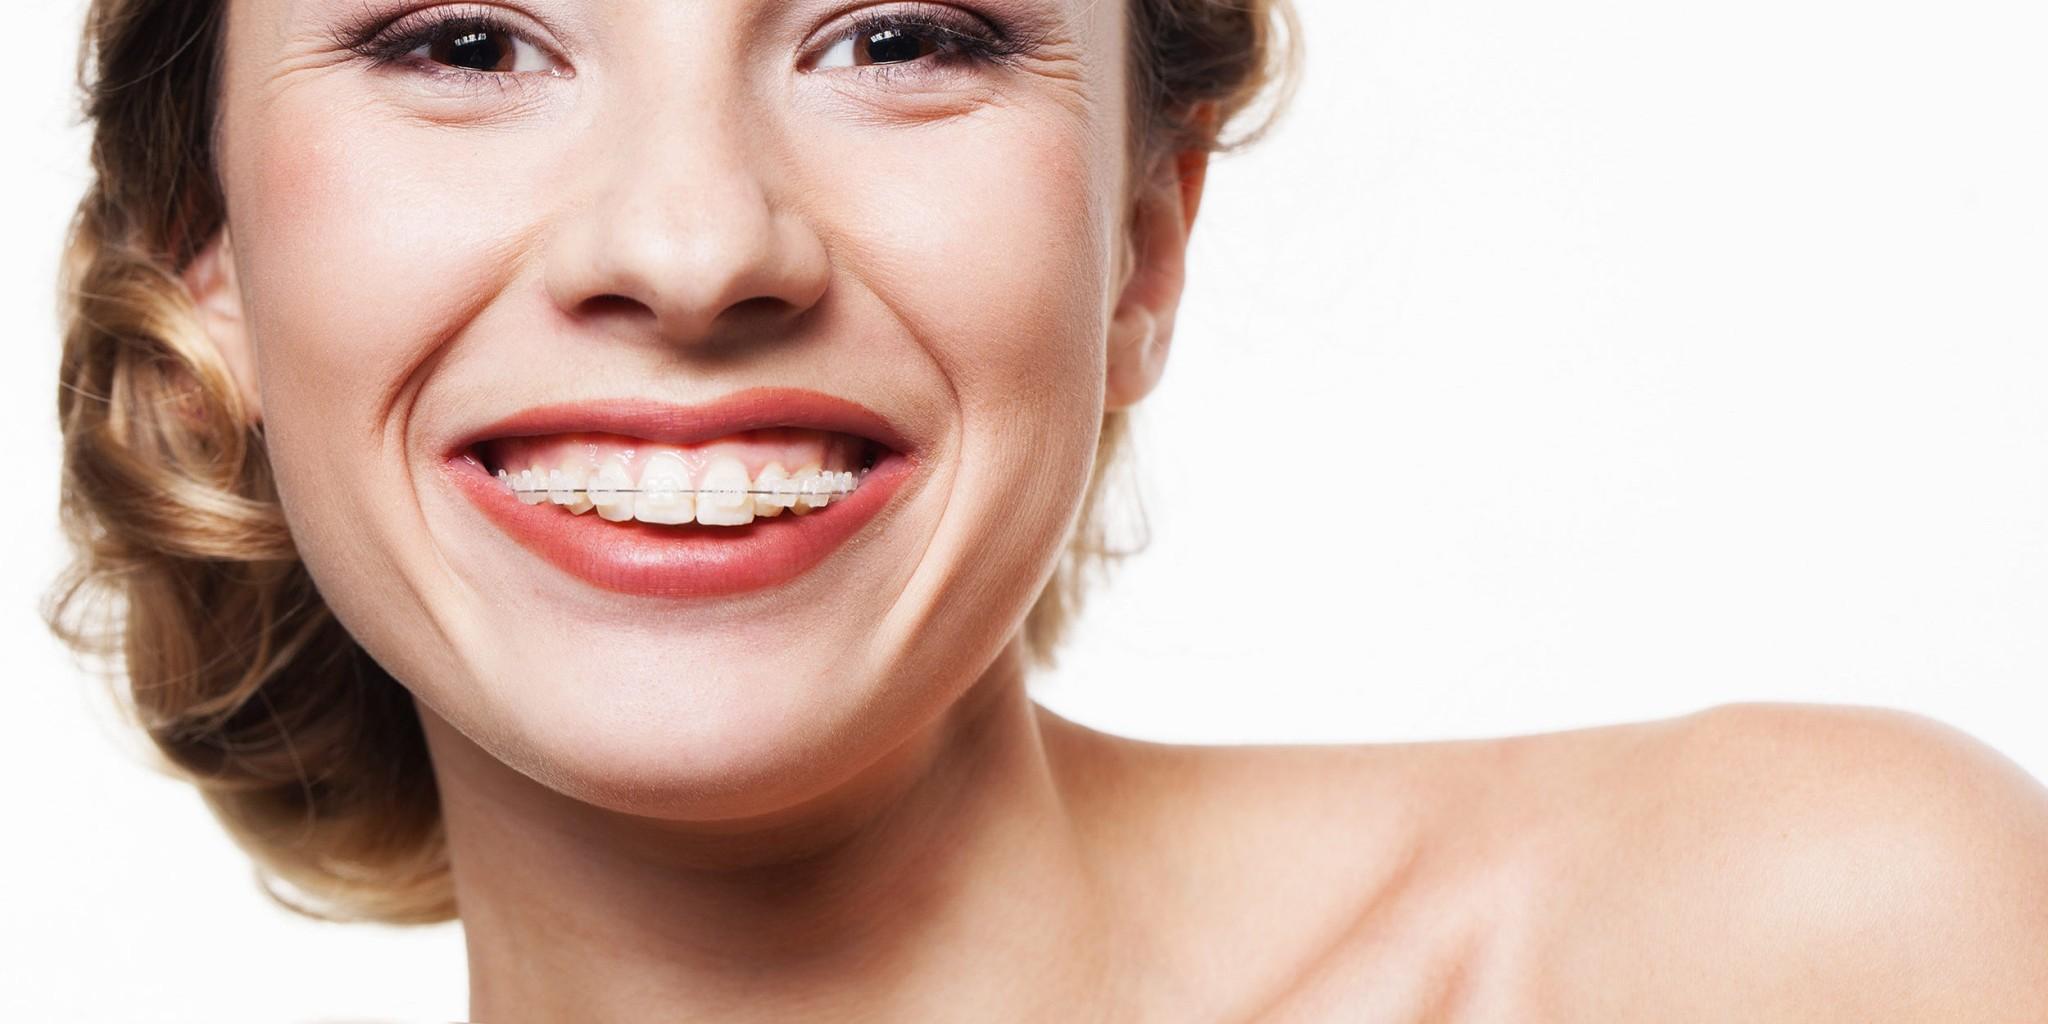 ortodoncia-embarazada-pico-blanco